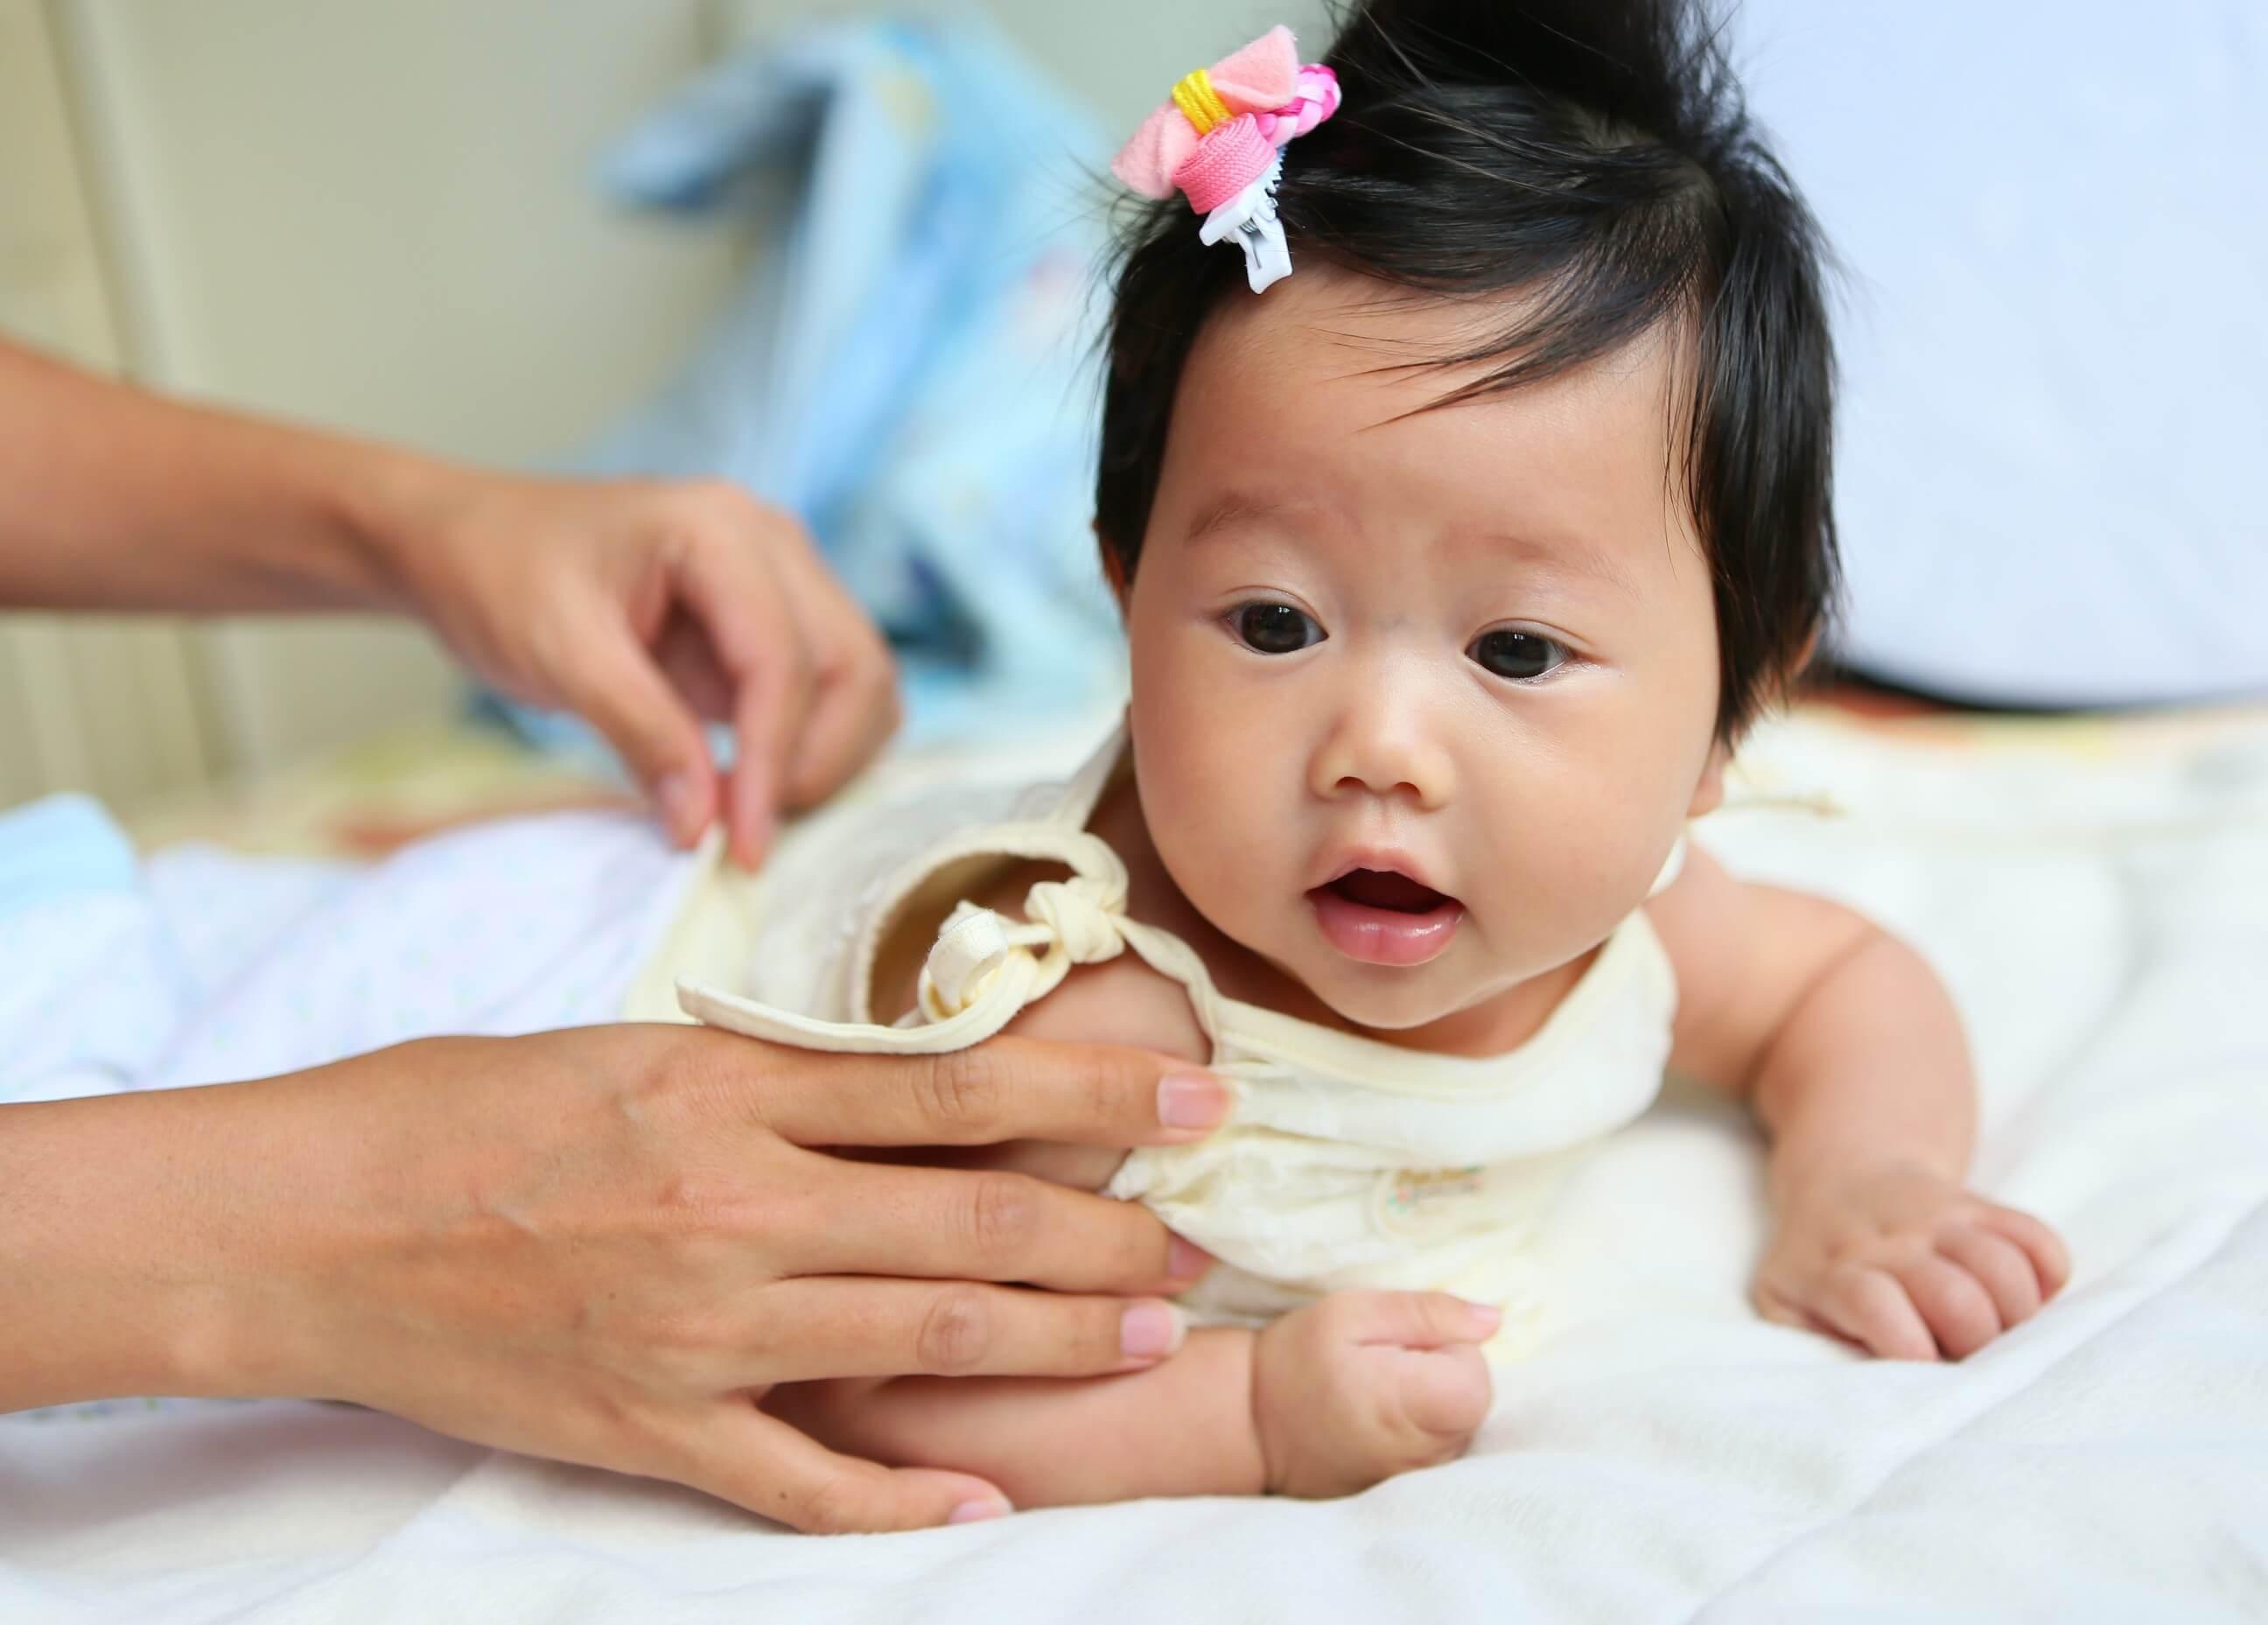 Bayi Usia 4 Bulan: Senyum dan Tawanya Makin Sering Menghiasi Hari